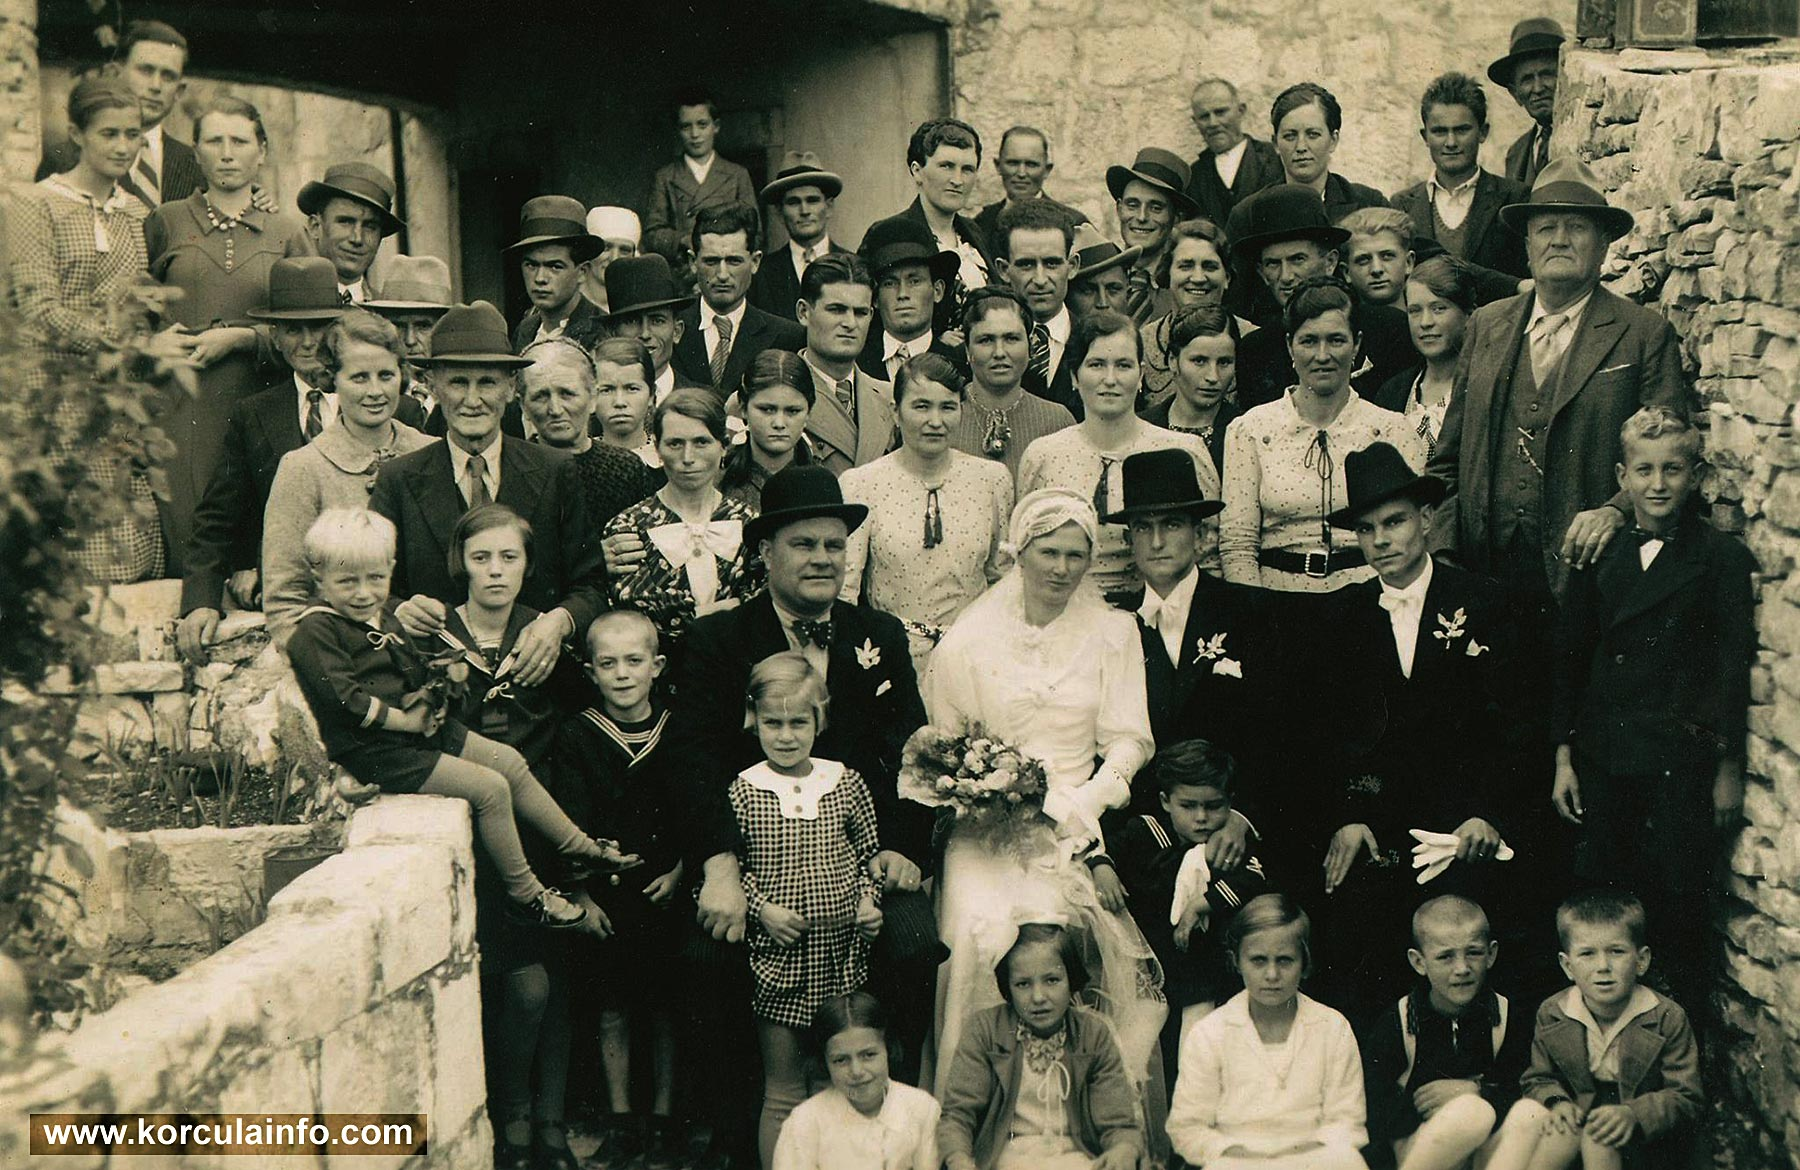 Wedding in Postrana in 1936